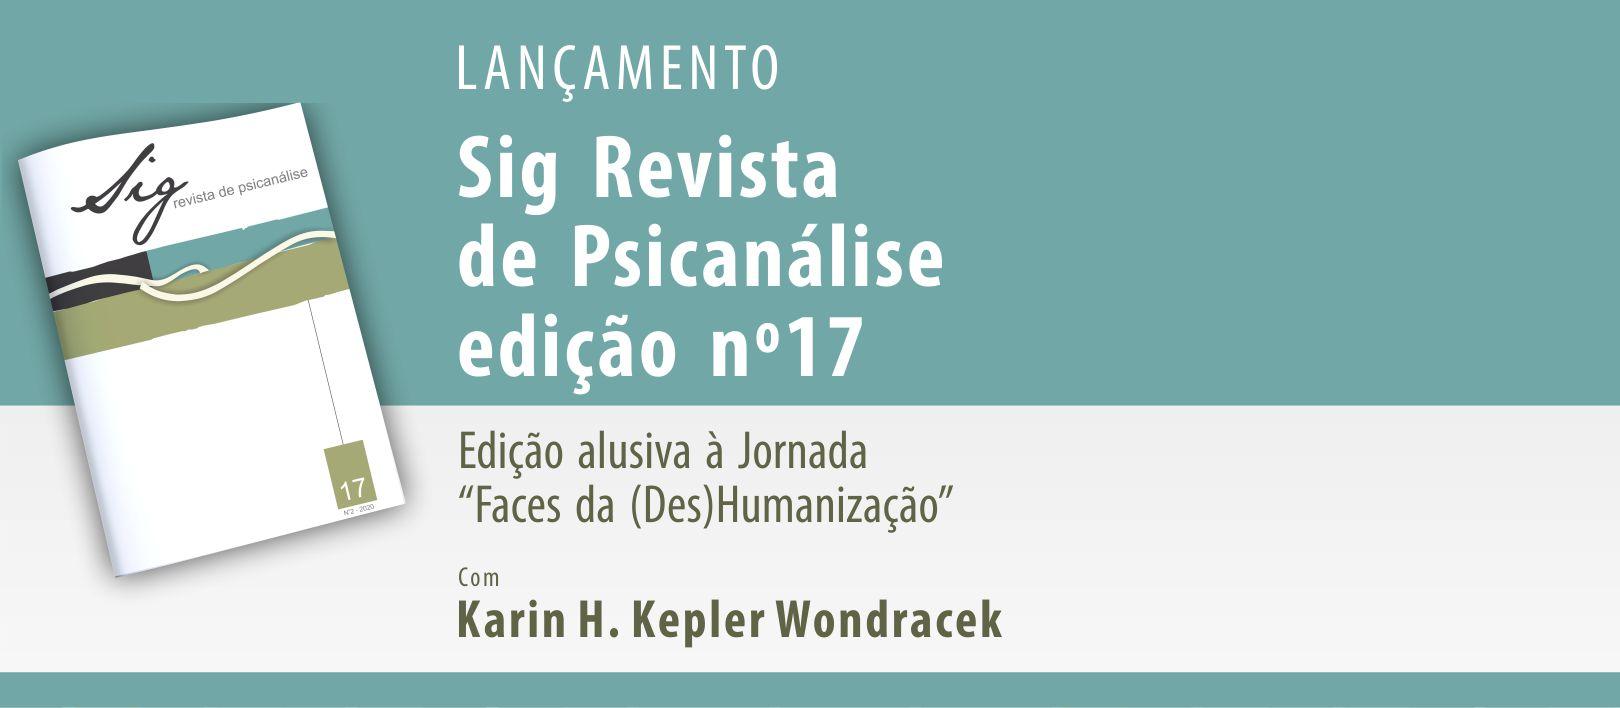 Lançamento da Sig Revista de Psicanálise 17